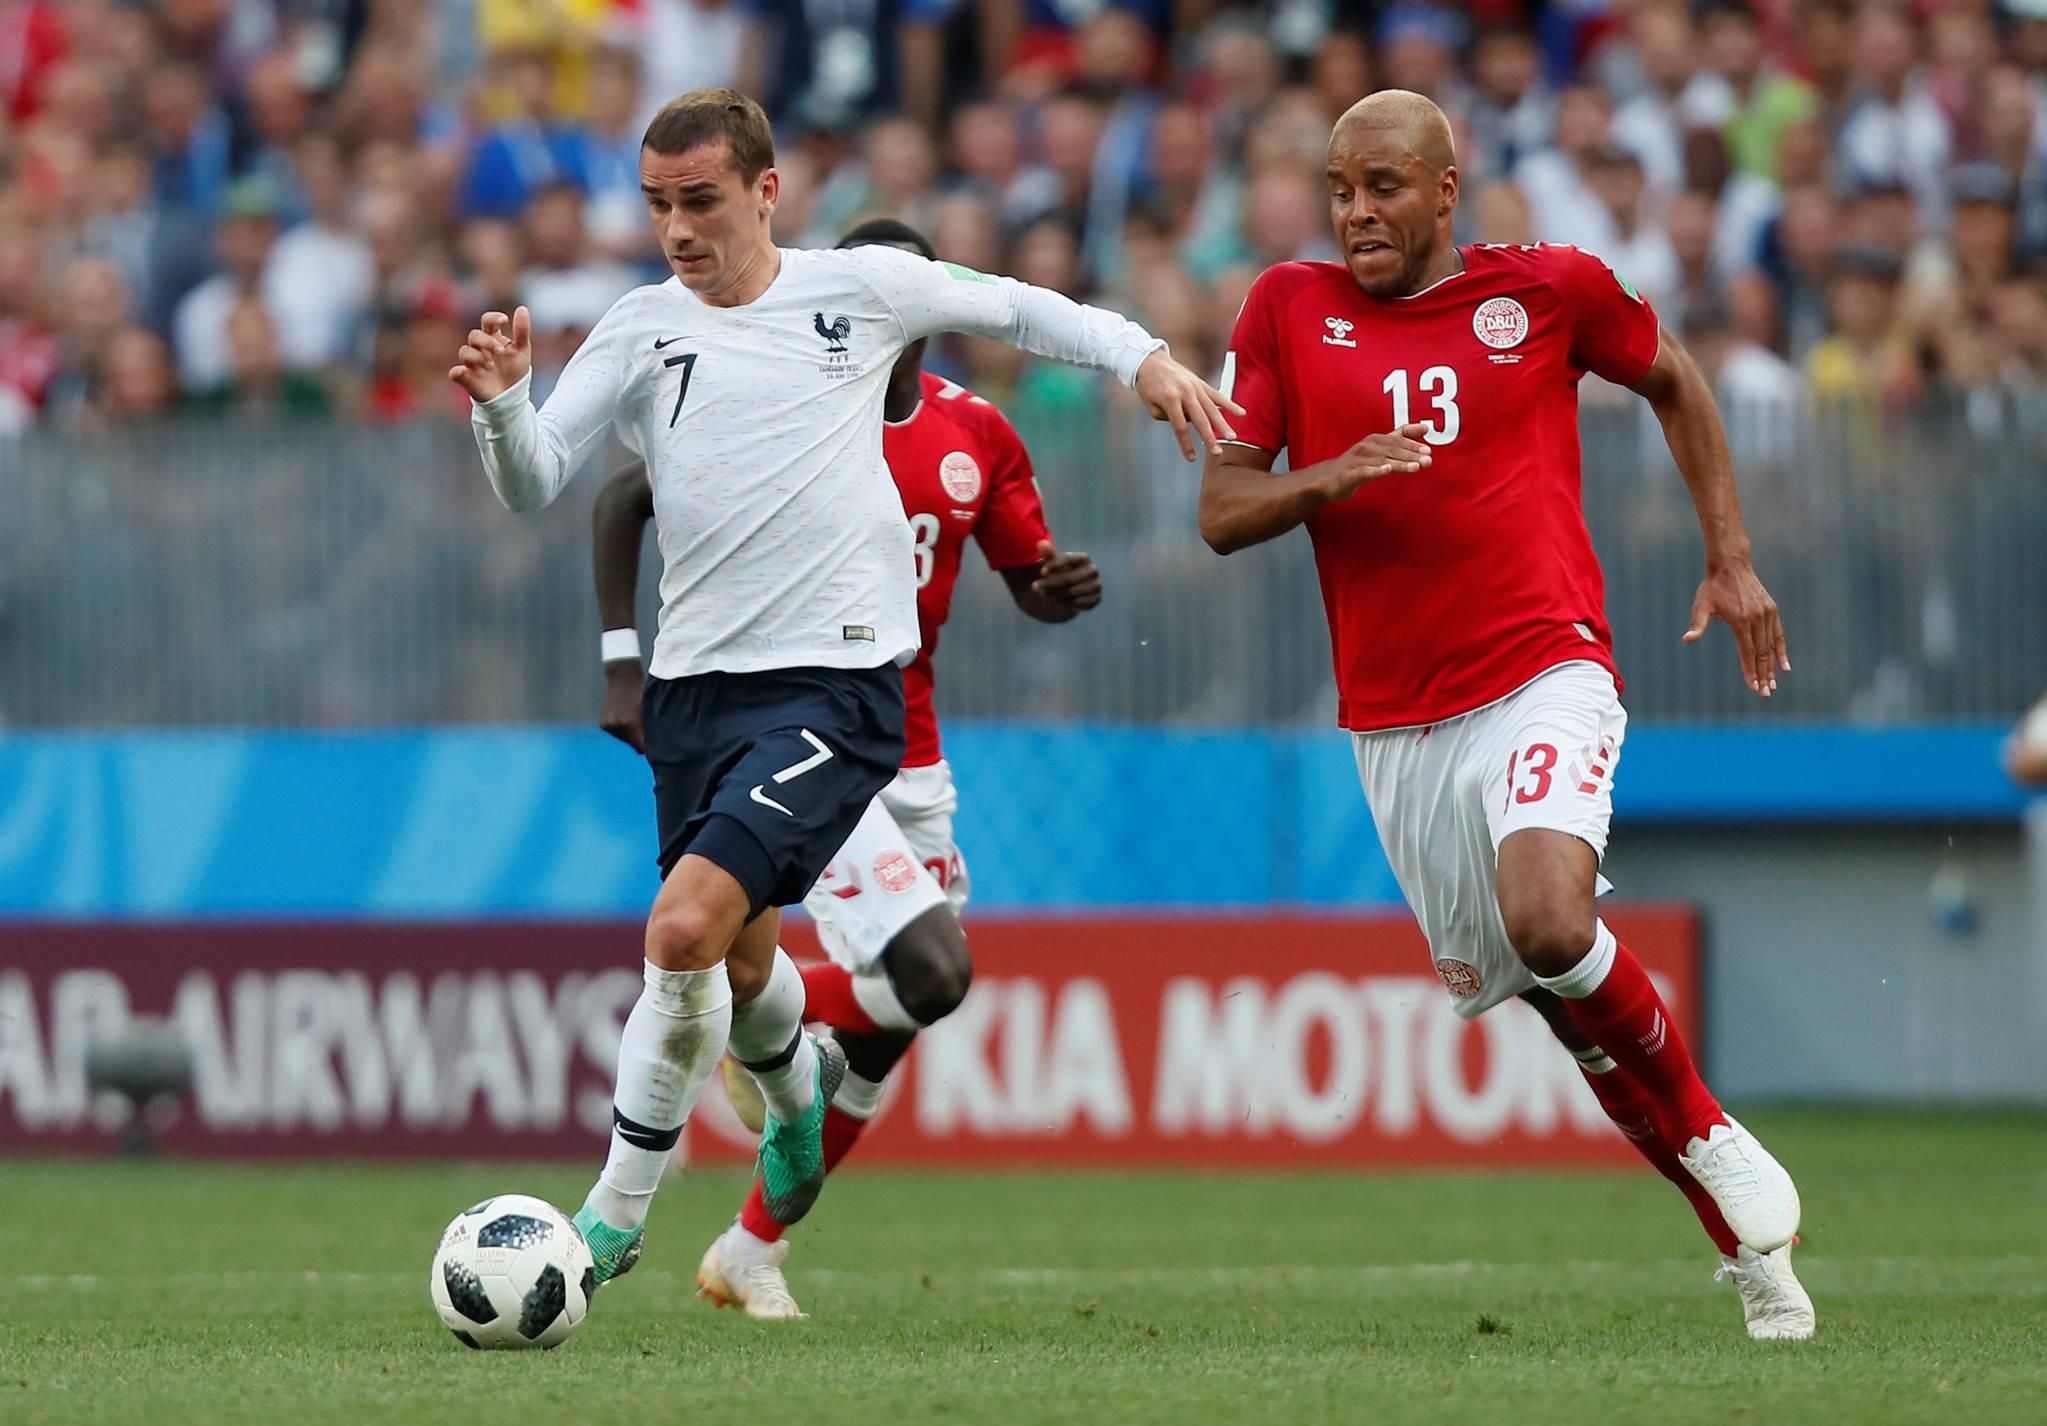 26일(한국시간) 러시아 모스크바 루즈니키 스타디움에서 열린 2018 러시아 월드컵 축구대회 C조 조별리그 3차전에서 0-0 무승부를 기록한 프랑스와 덴마크가 조 1, 2위로 16강에 진출했다. [REUTERS=연합뉴스]